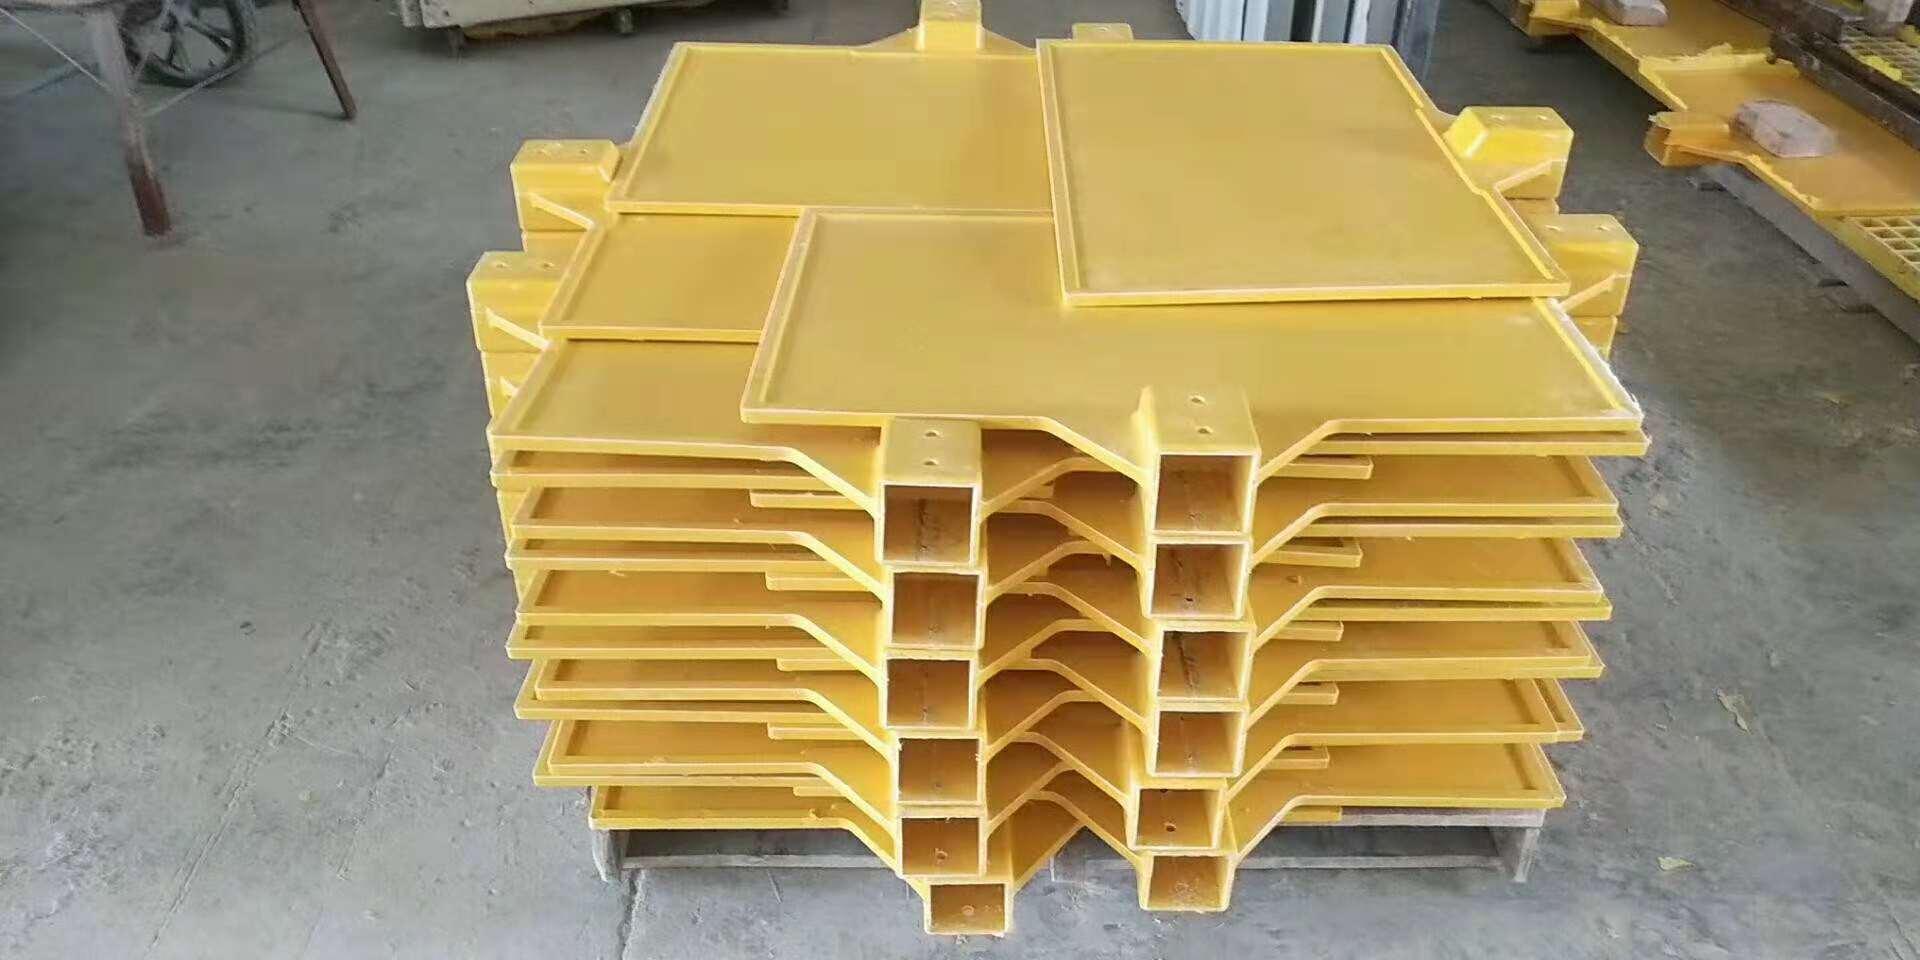 玻璃钢模压公告牌模具厂家批发-供应高品质玻璃钢模压三通模具